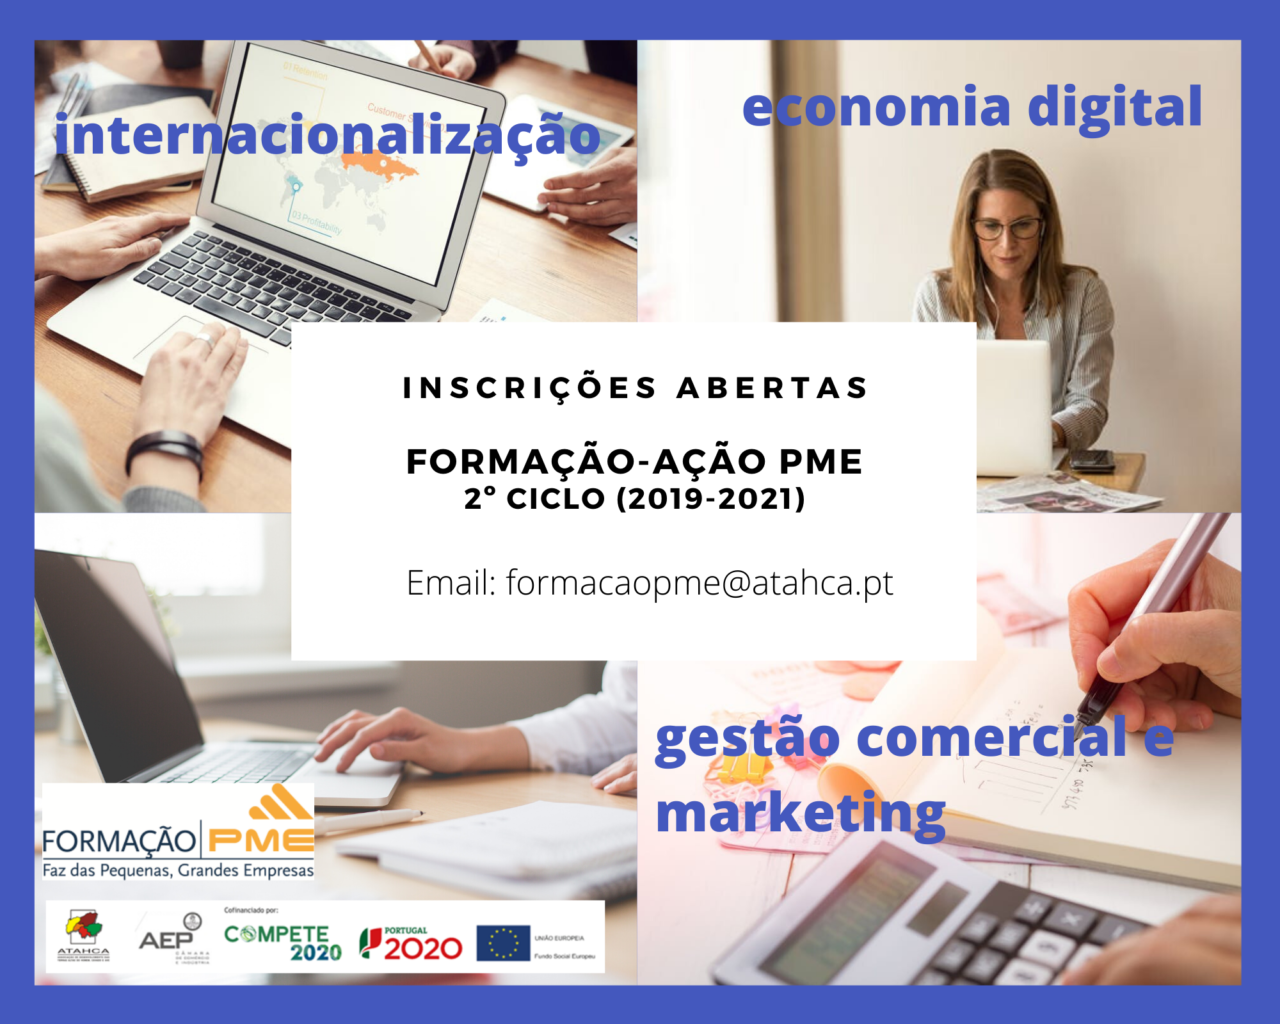 REGIÃO - Inscrições abertas para Programa de Formação PME 2º Ciclo (2019-2021)